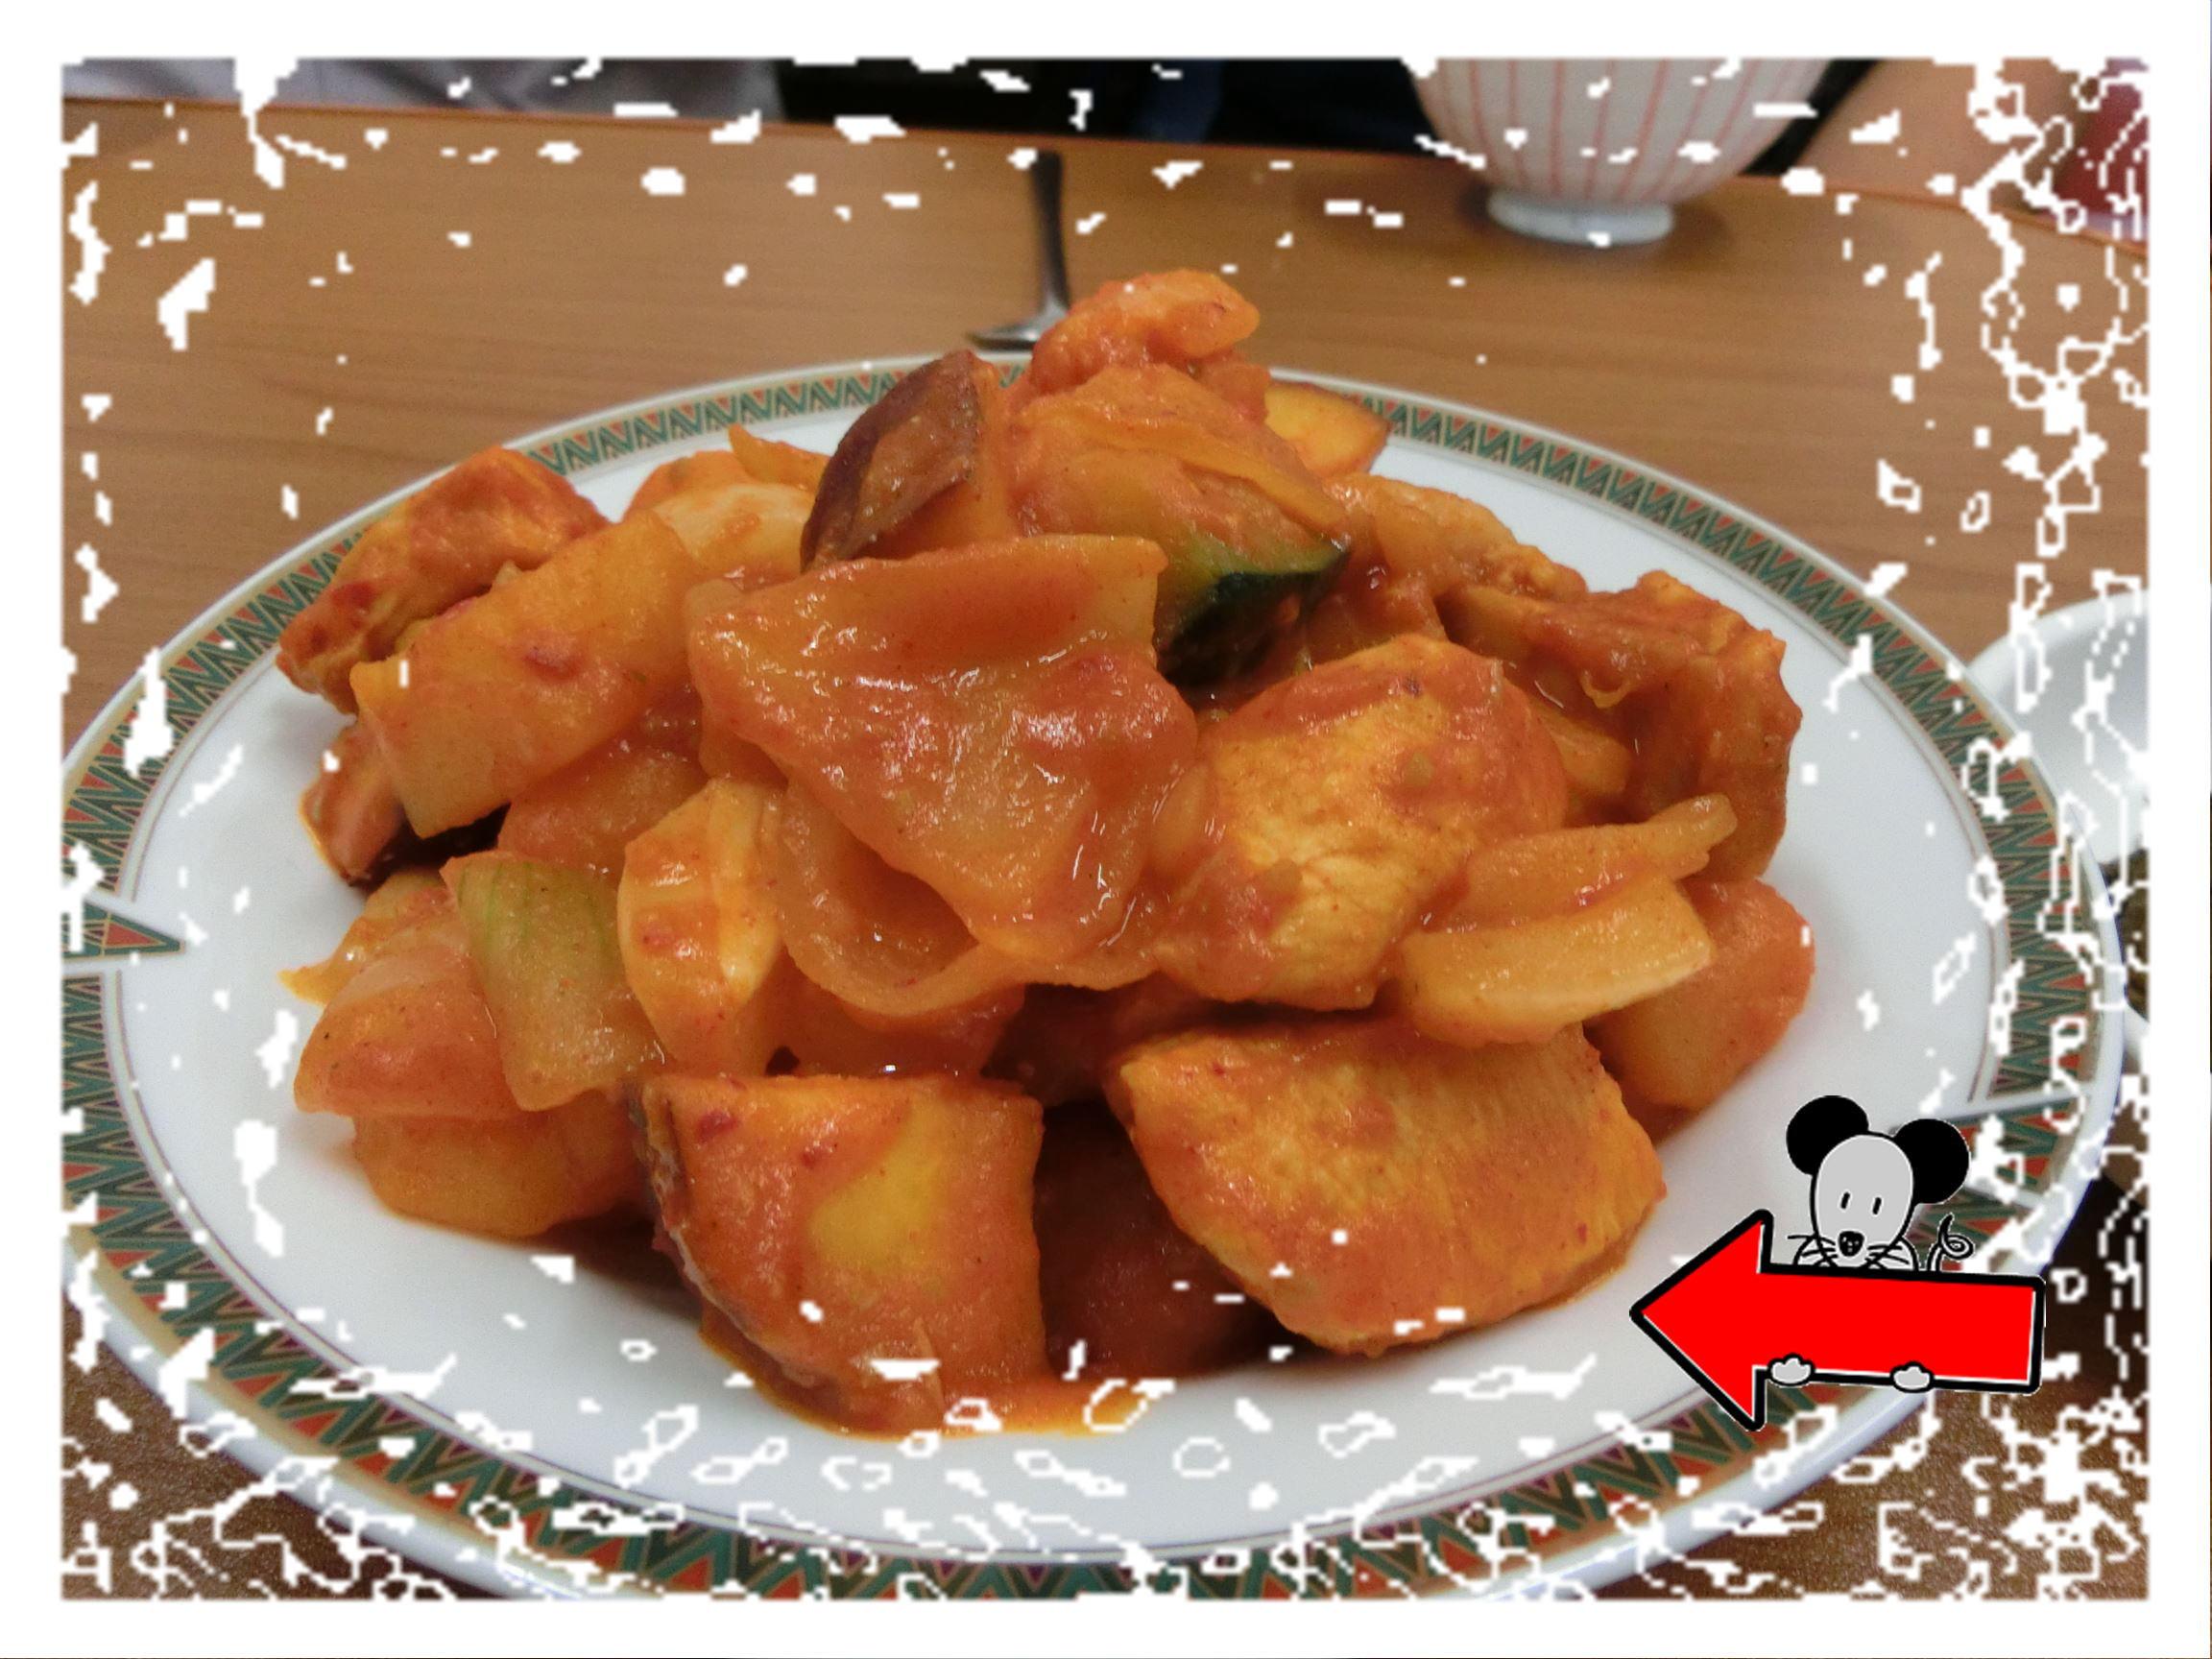 つくばで安くておいしい料理だった!part7Σ(;゚ω゚)